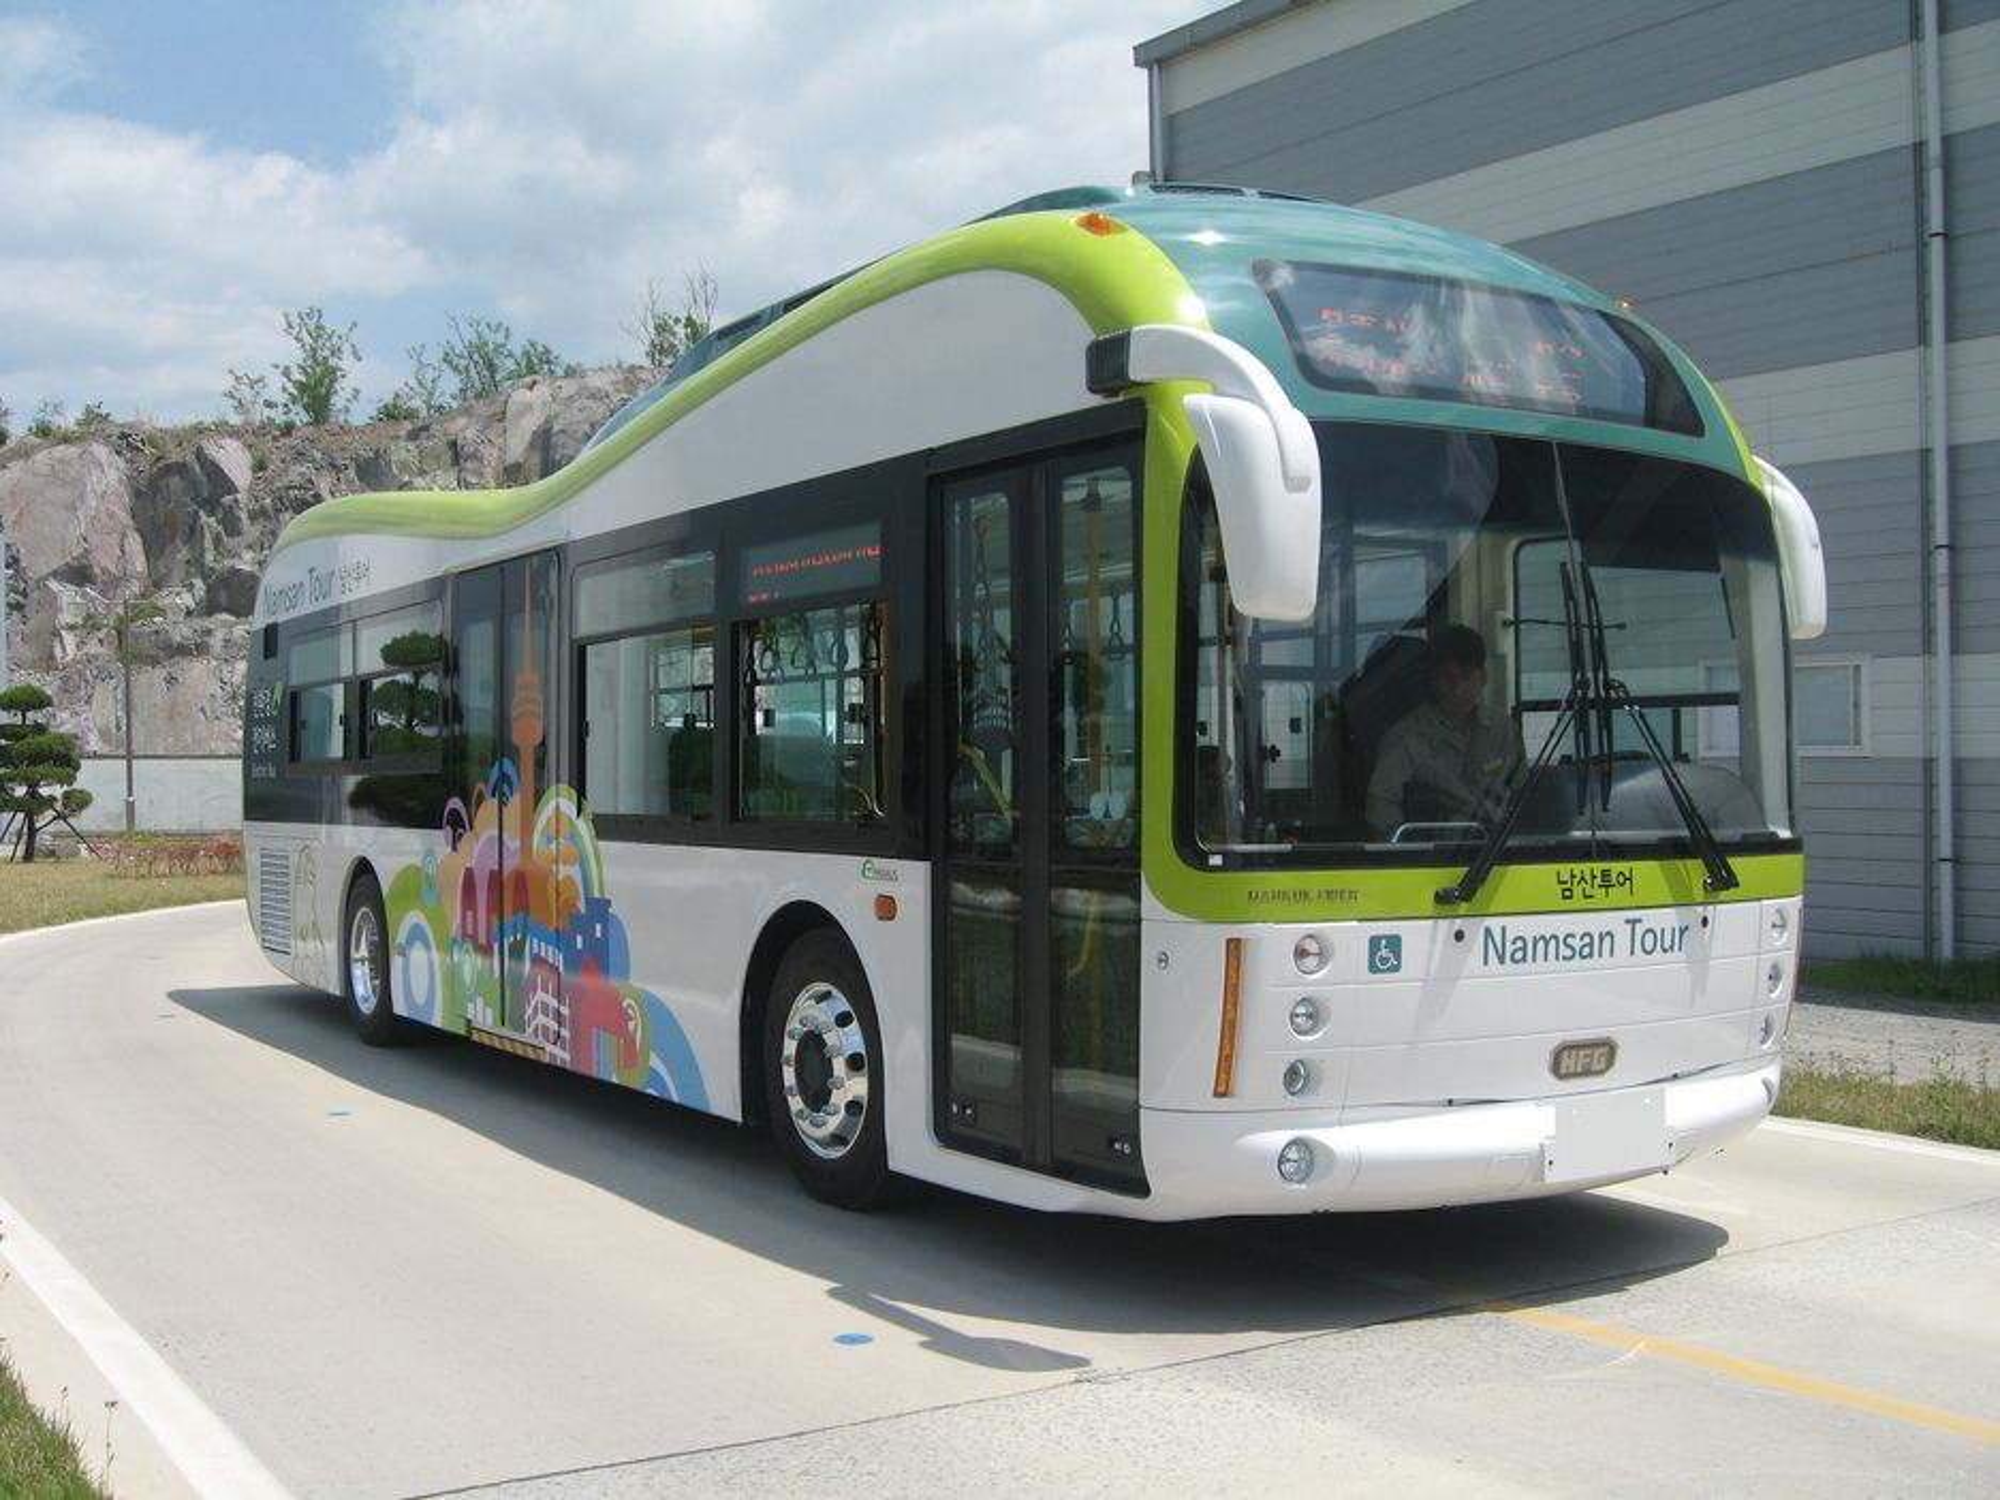 De nye elbussene i Seoul går opptil 83 kilometer på en lading og kan lades på 30 minutter.